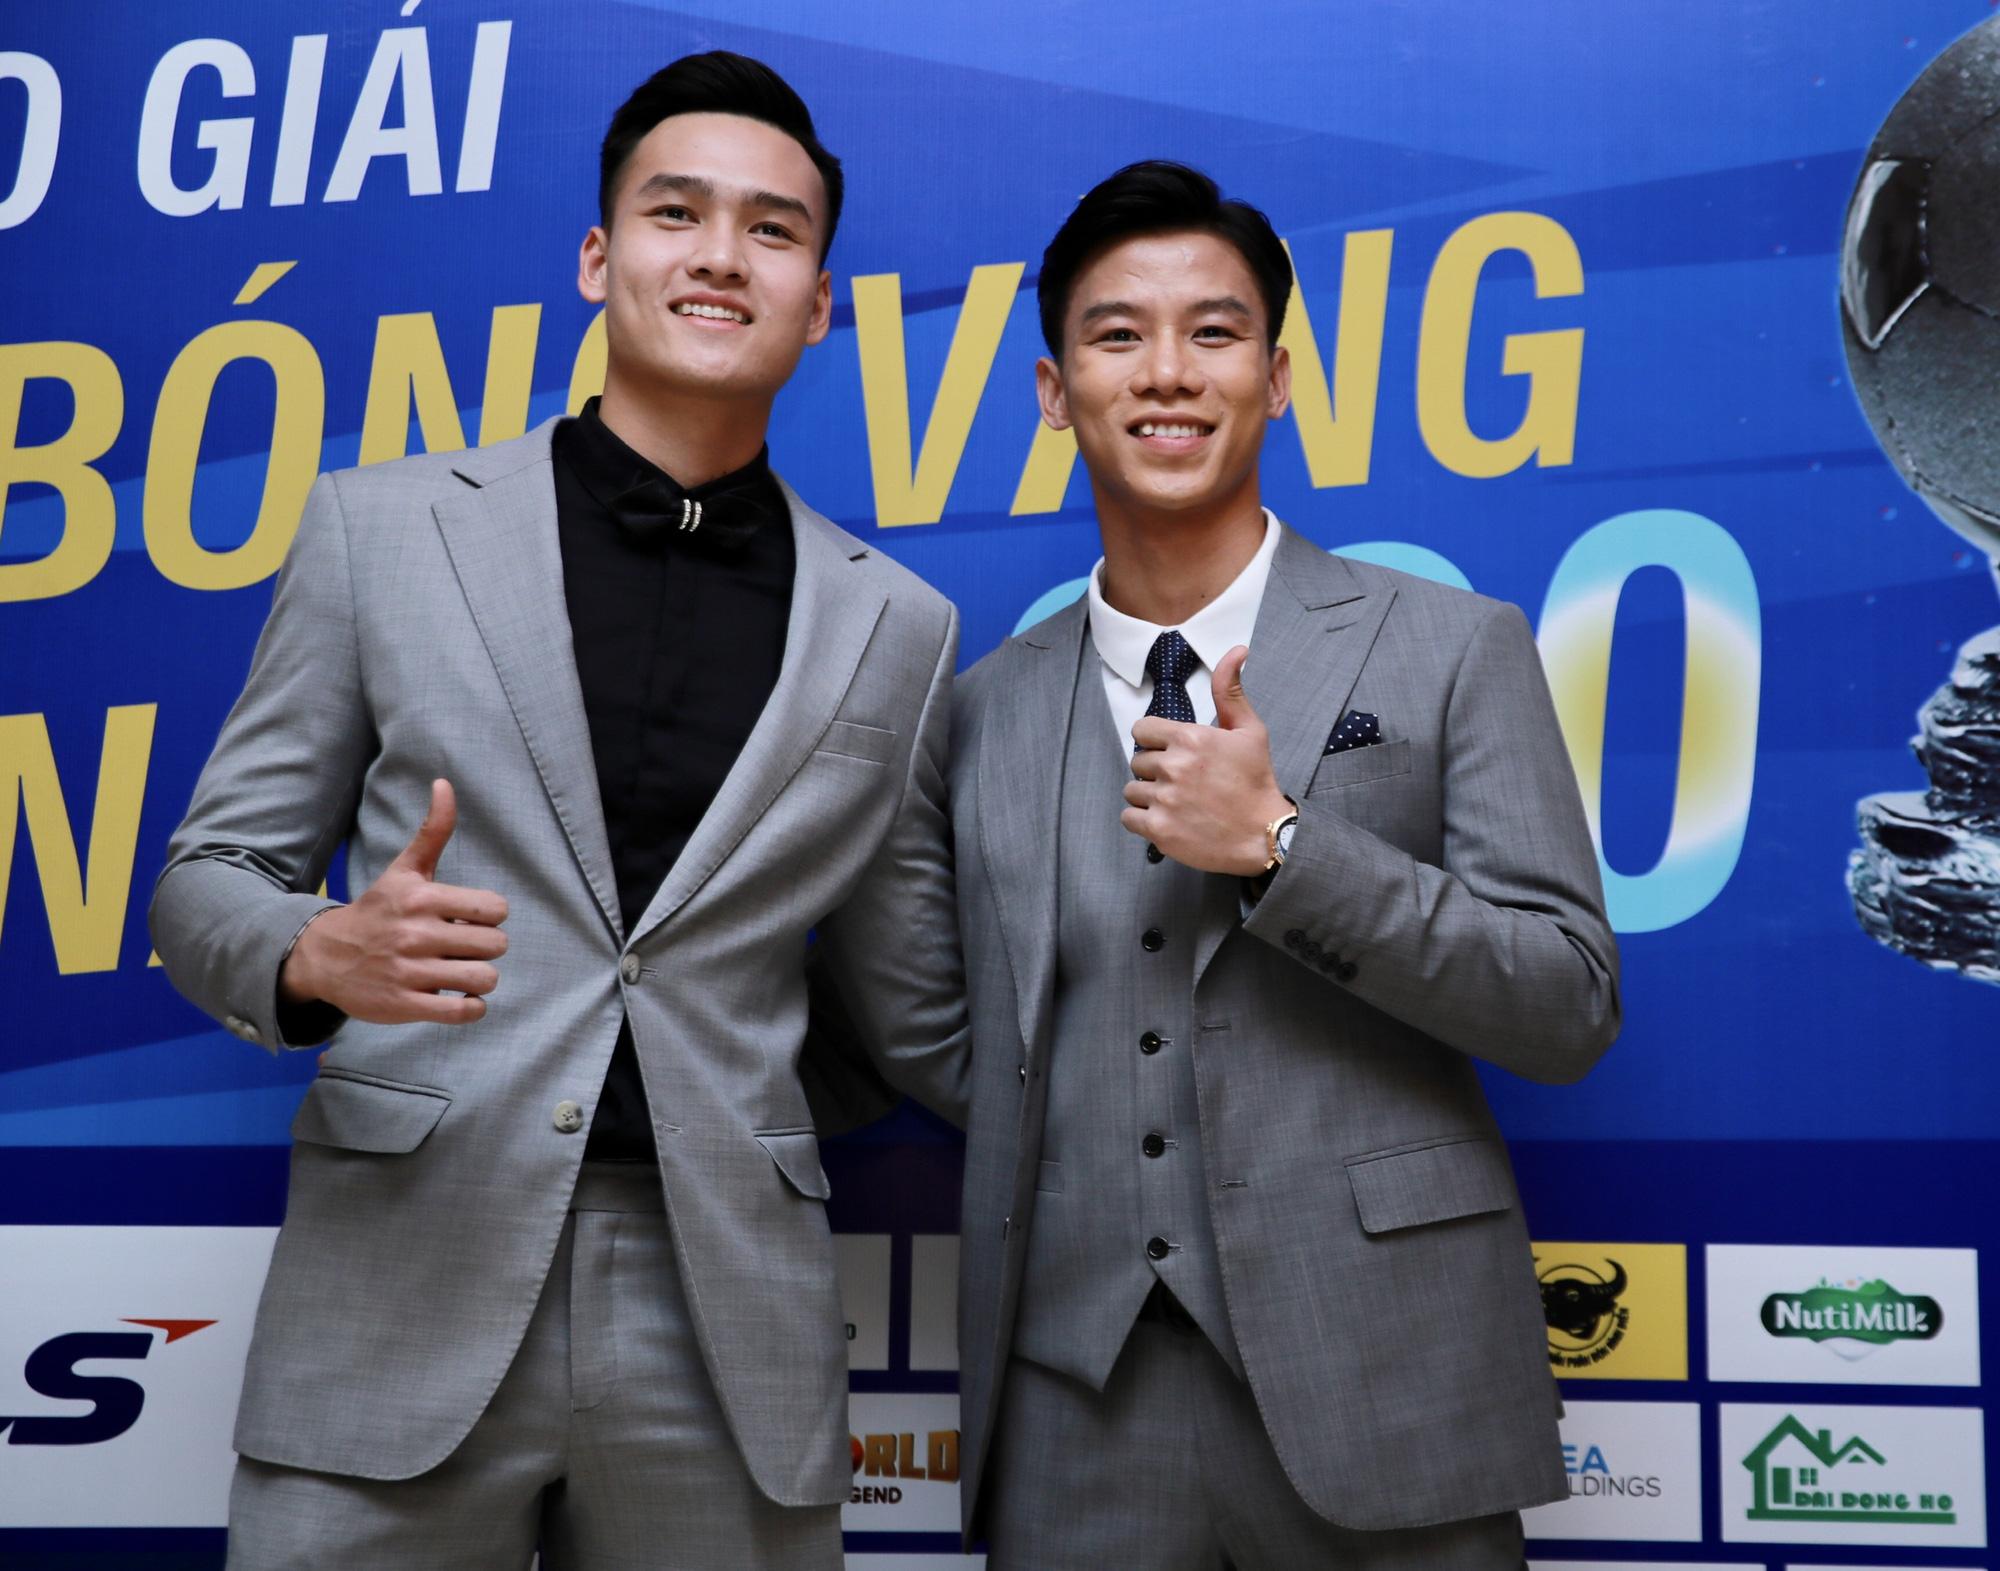 Cầu thủ trẻ Bùi Hoàng Việt Anh được vinh danh - Ảnh 1.